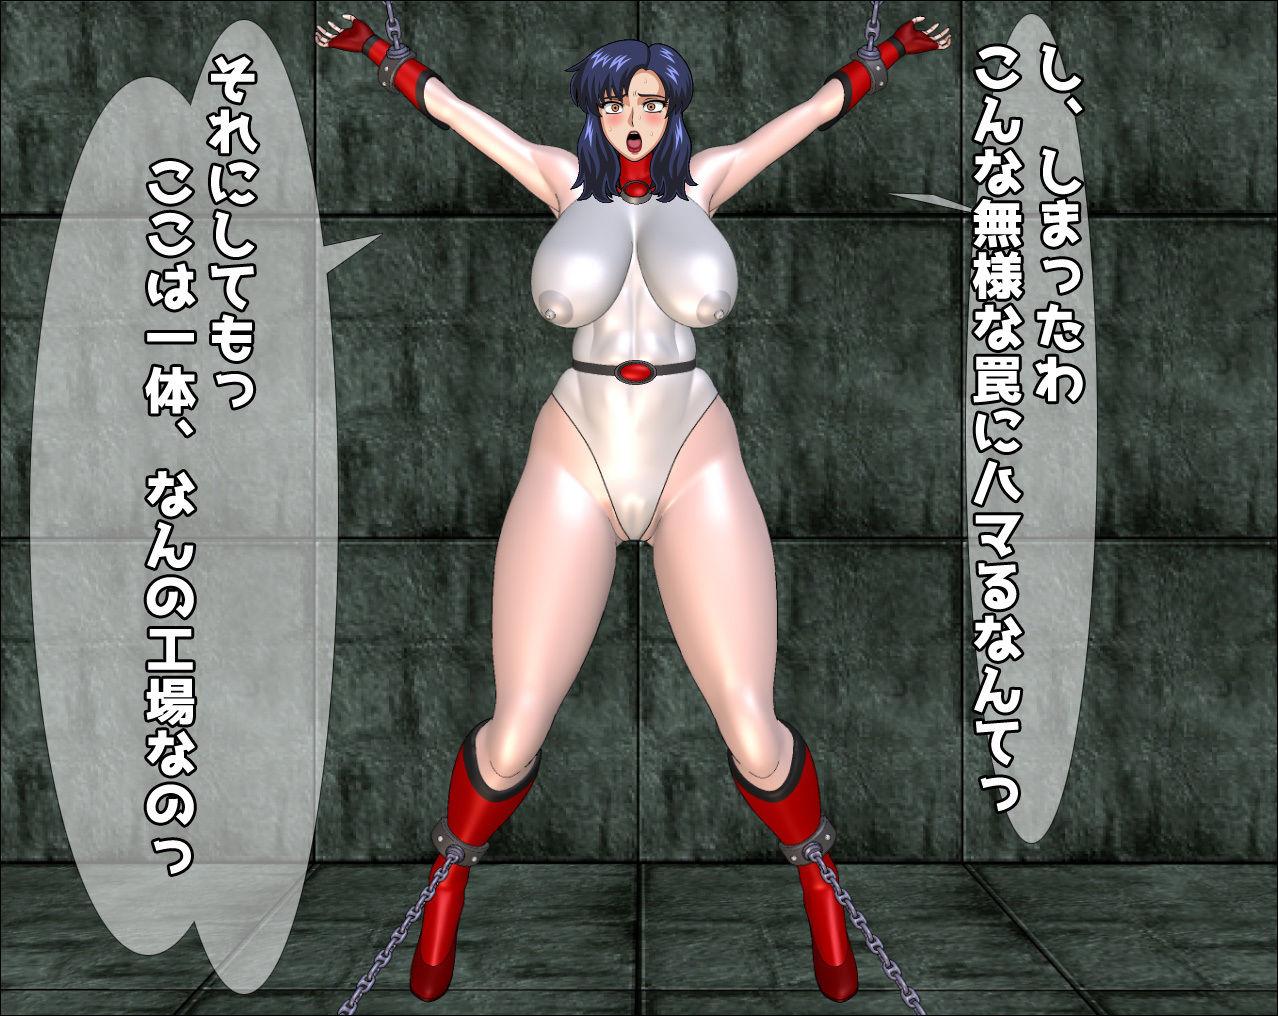 機械姦~巨乳女性ヒーローと陵辱工場! エロ画像